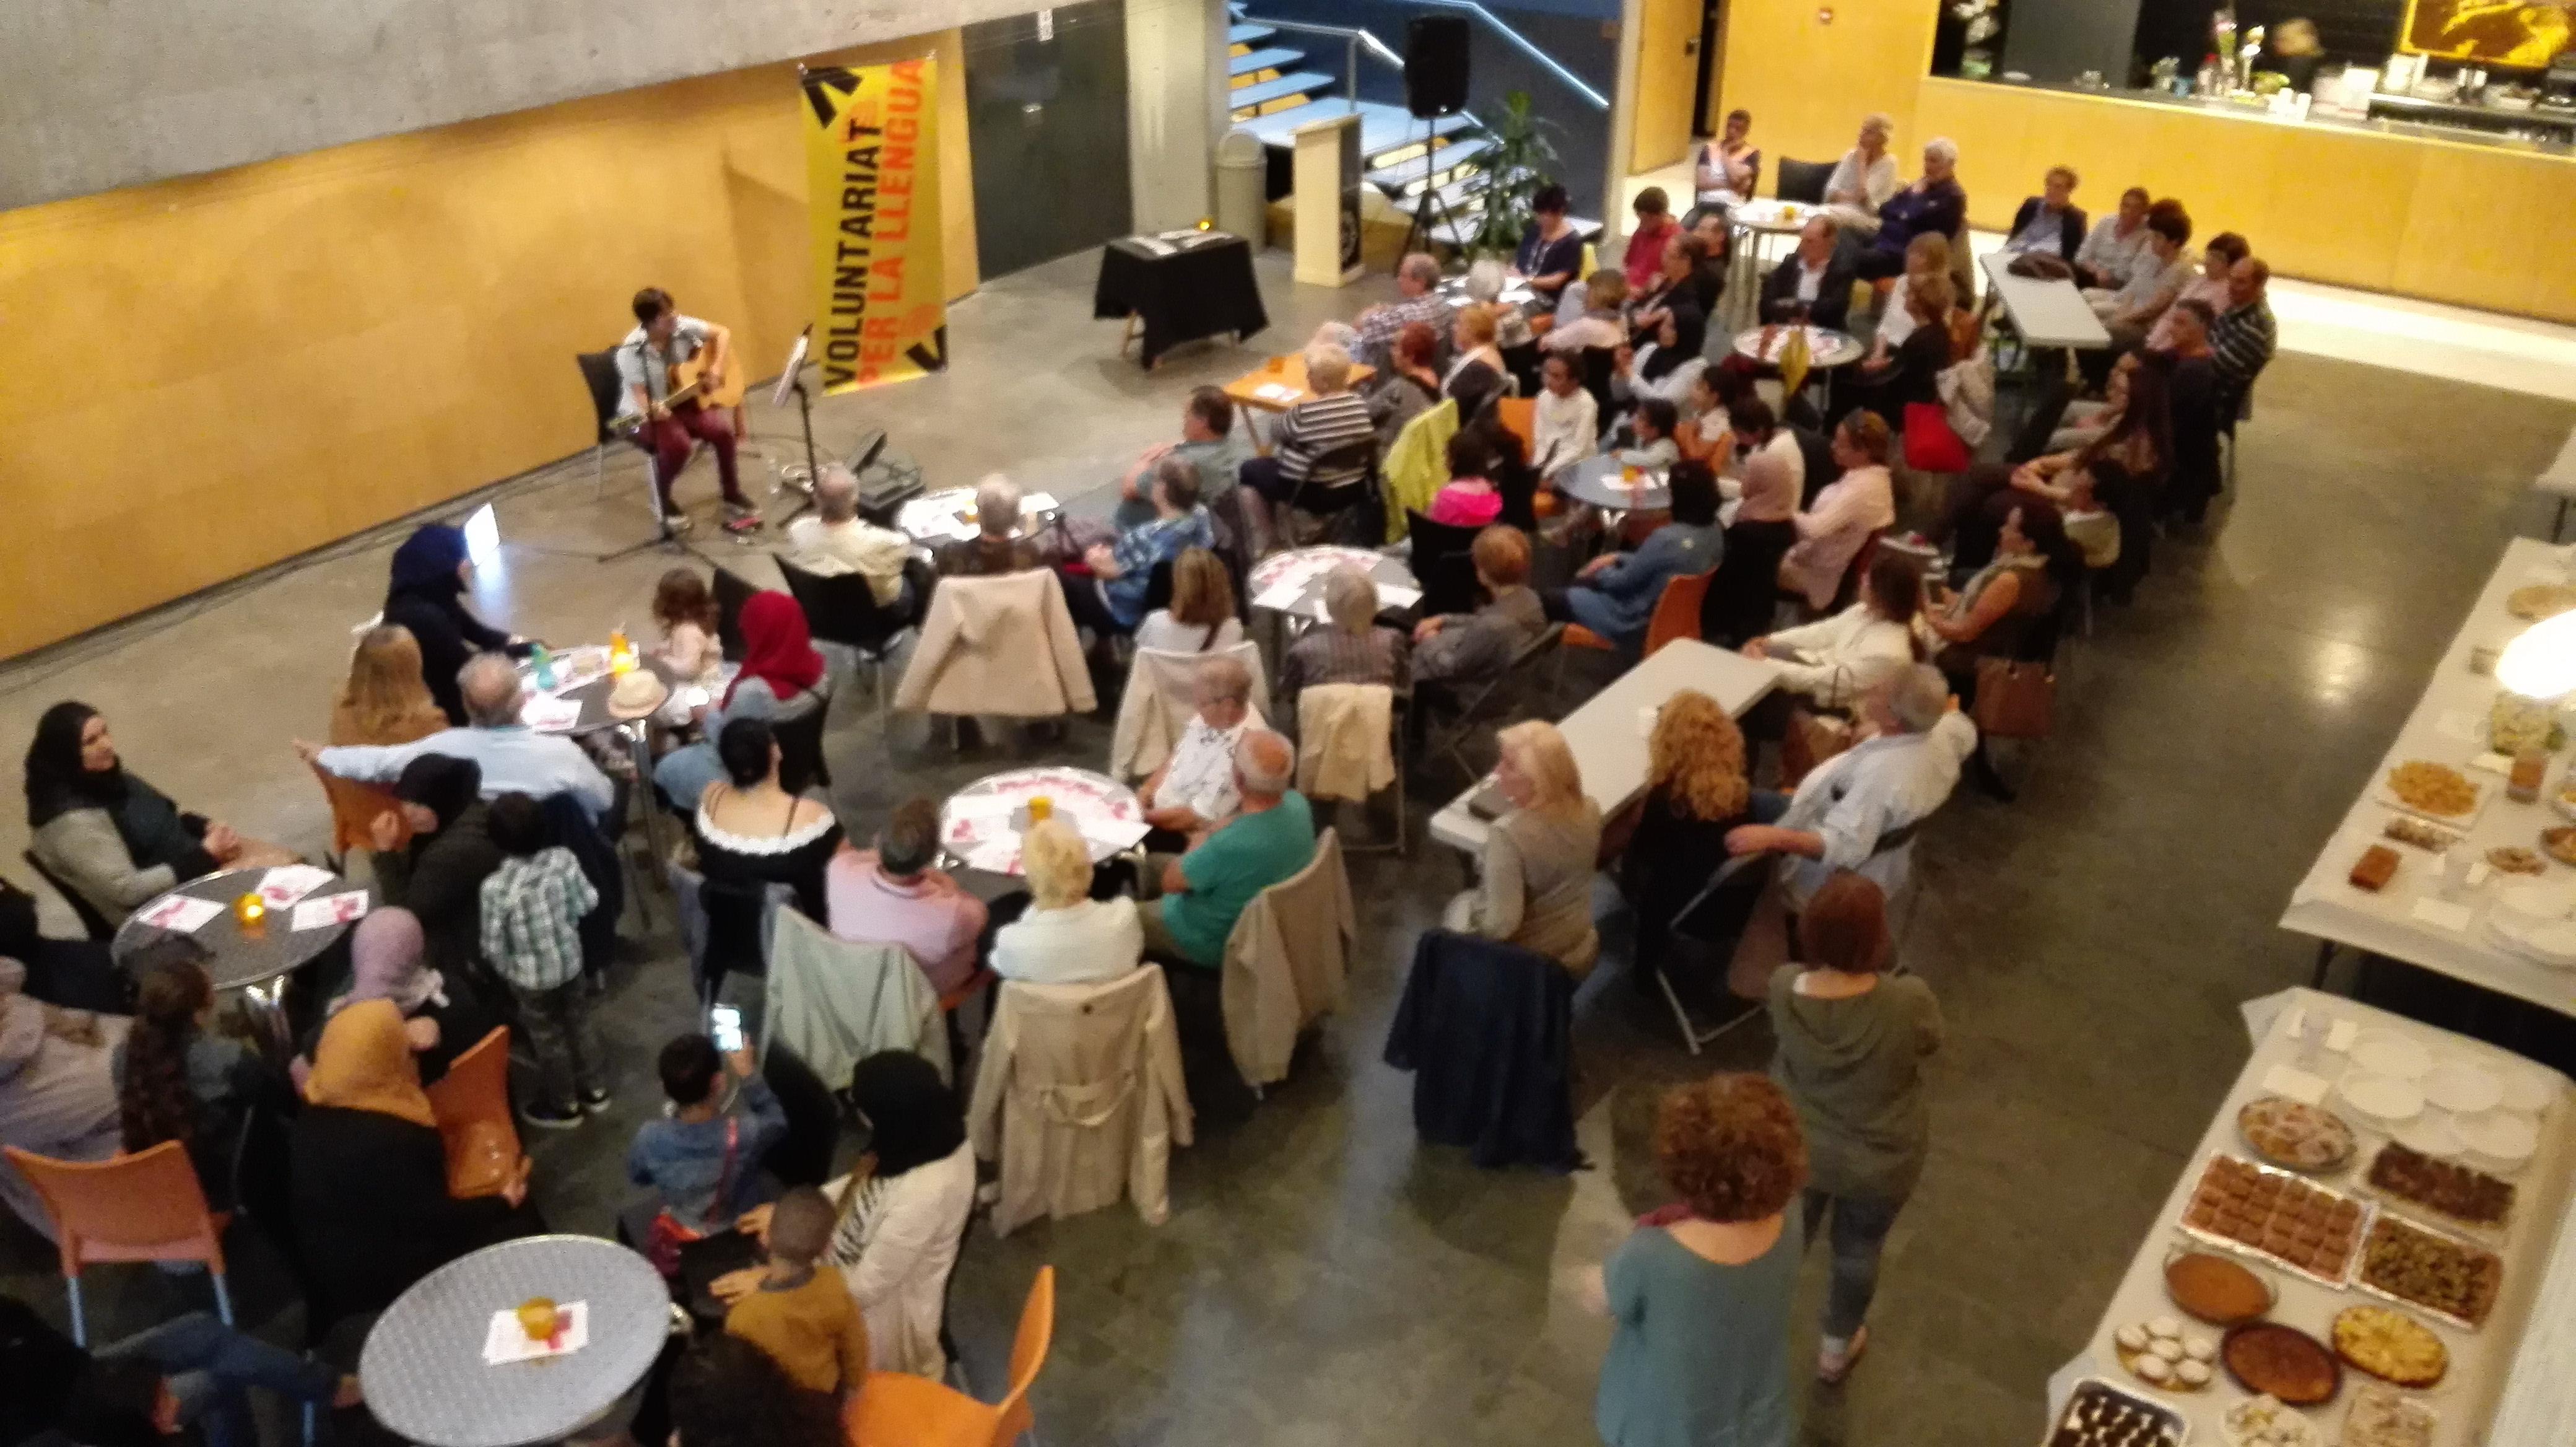 La festa de cloenda dels cursos de català i del programa VxL de Roses